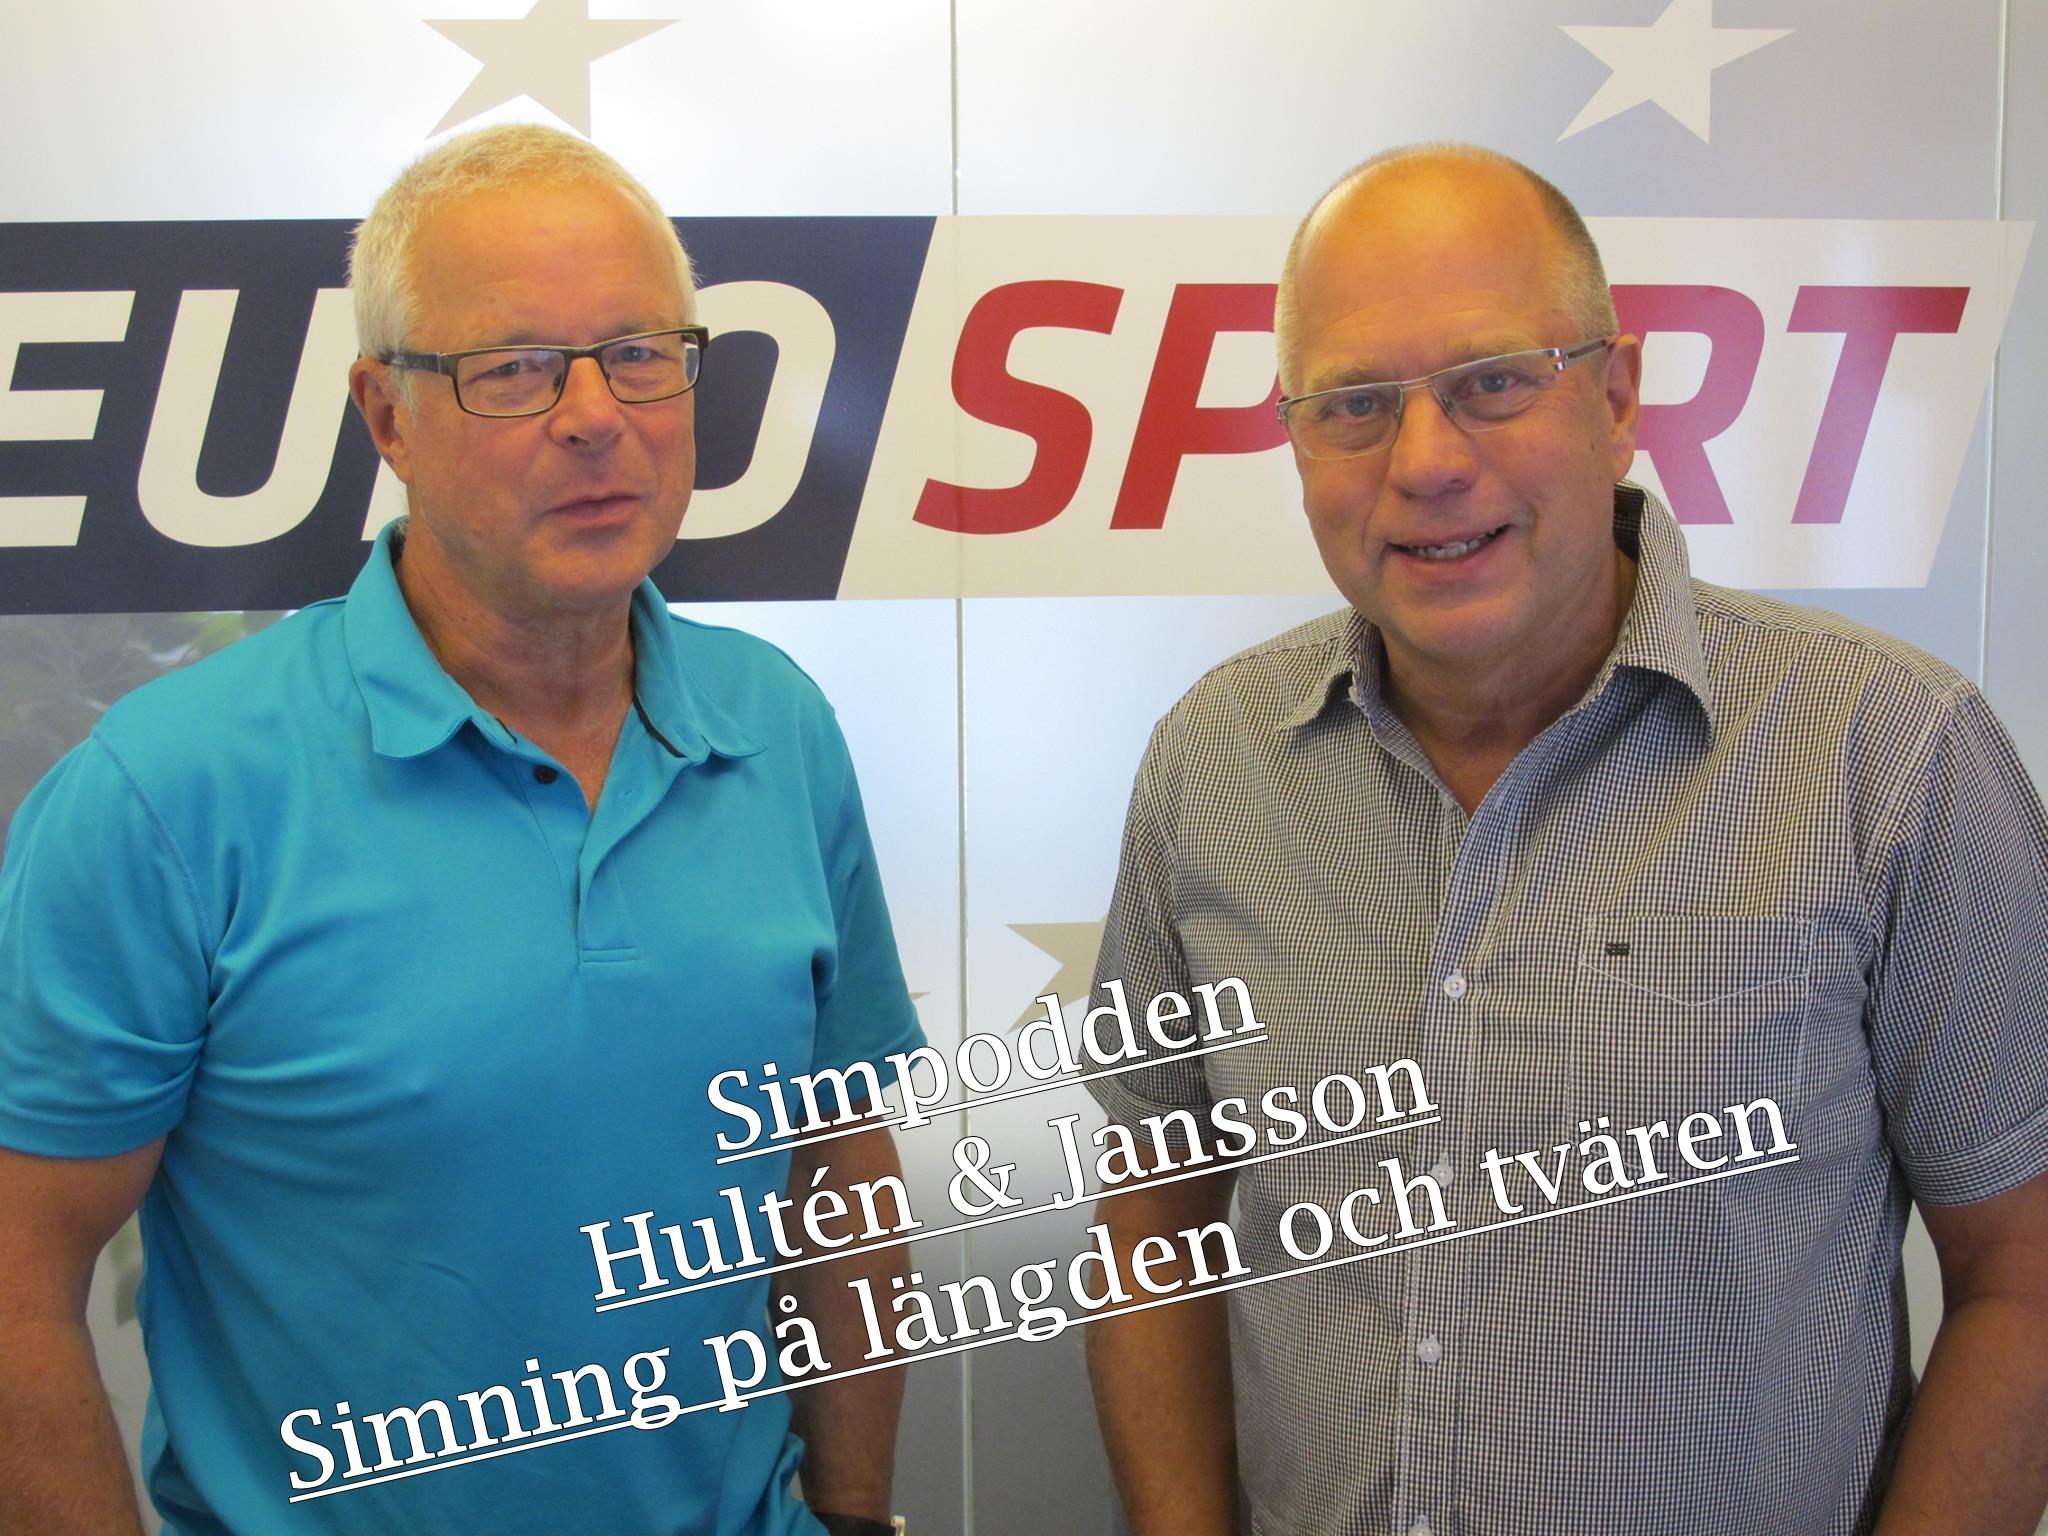 Simpodden Hultén och Jansson